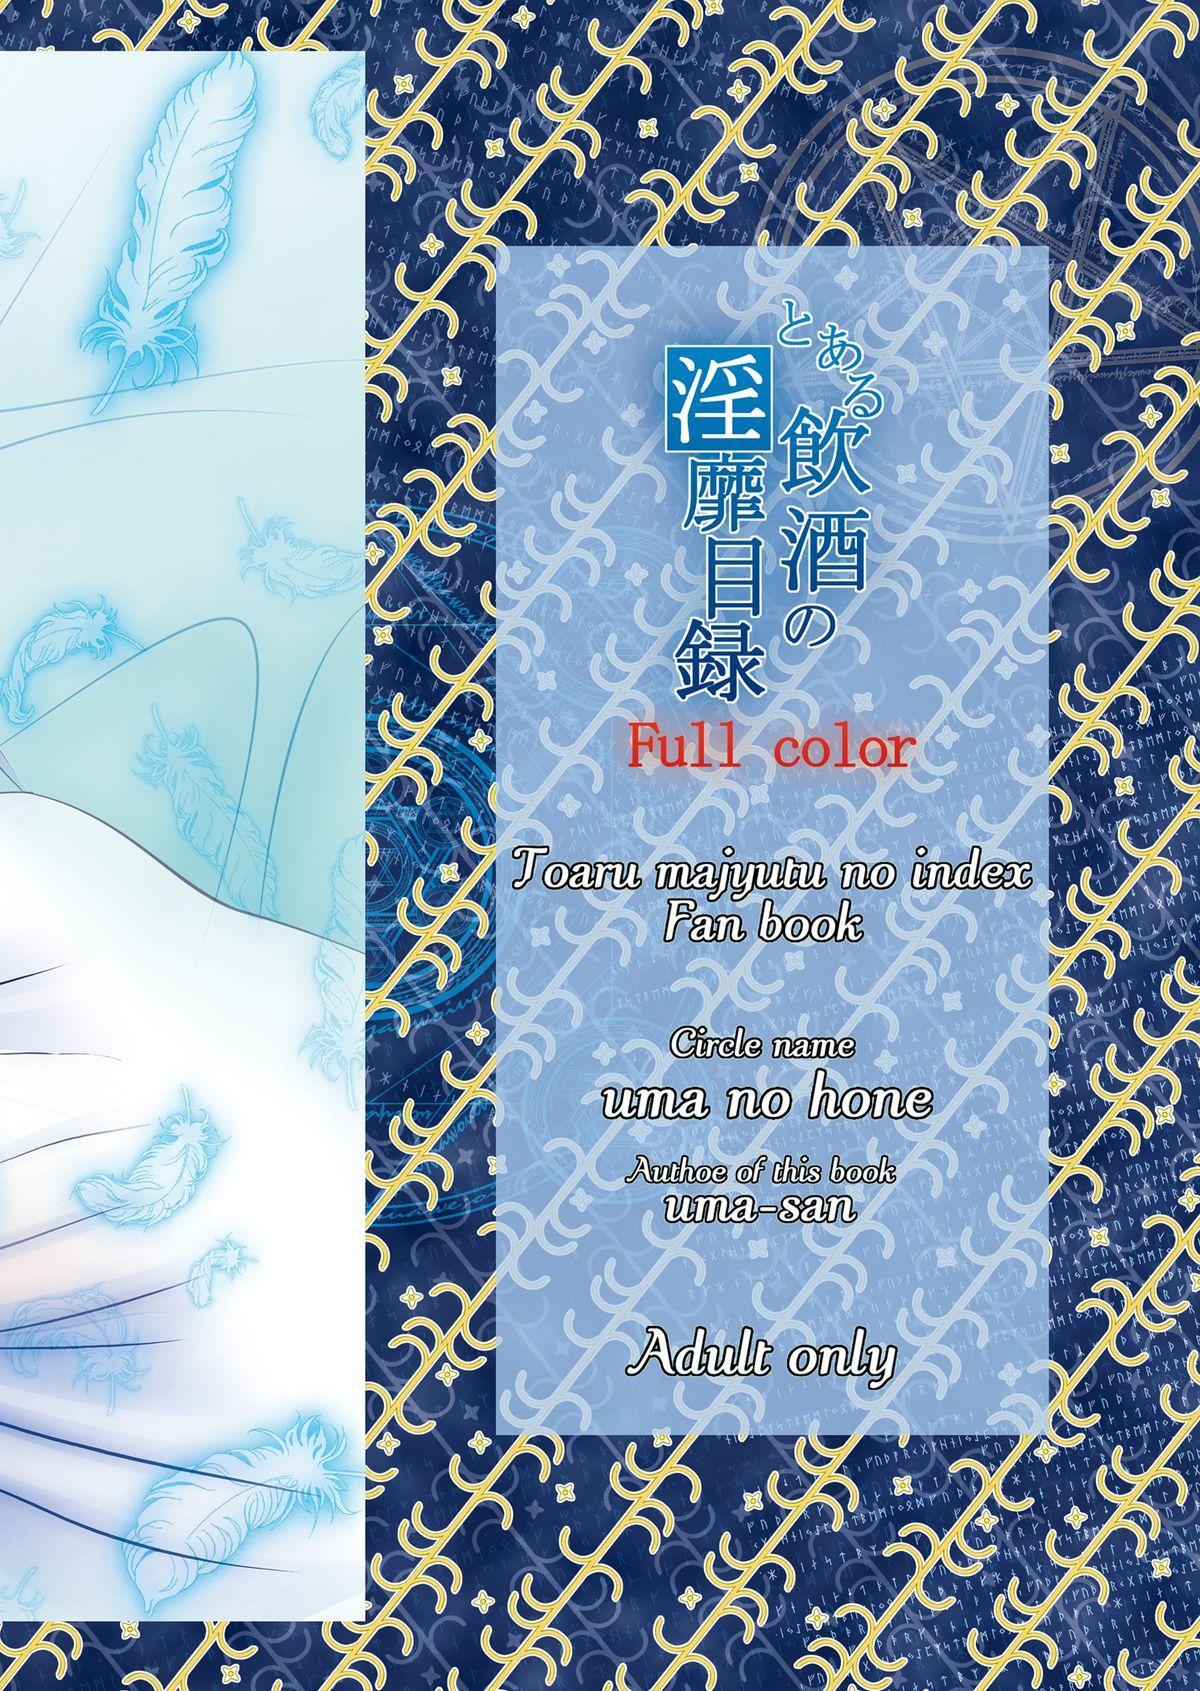 Toaru Inshu no Inbi Mokuroku Full color 23